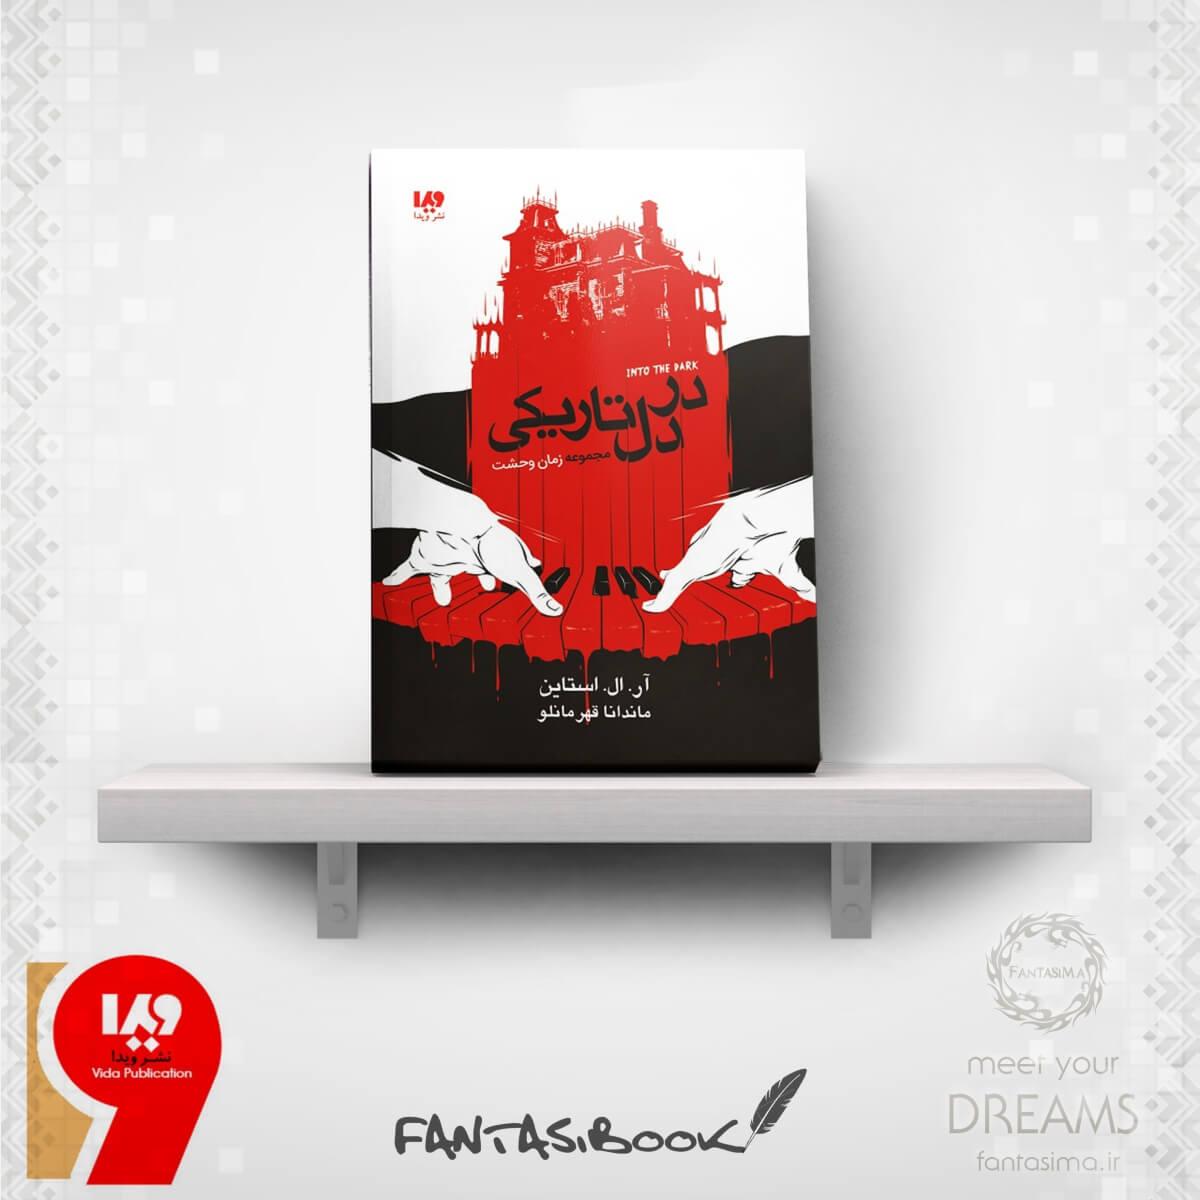 کتاب زمان وحشت - جلد 5 - در دل تاریکی